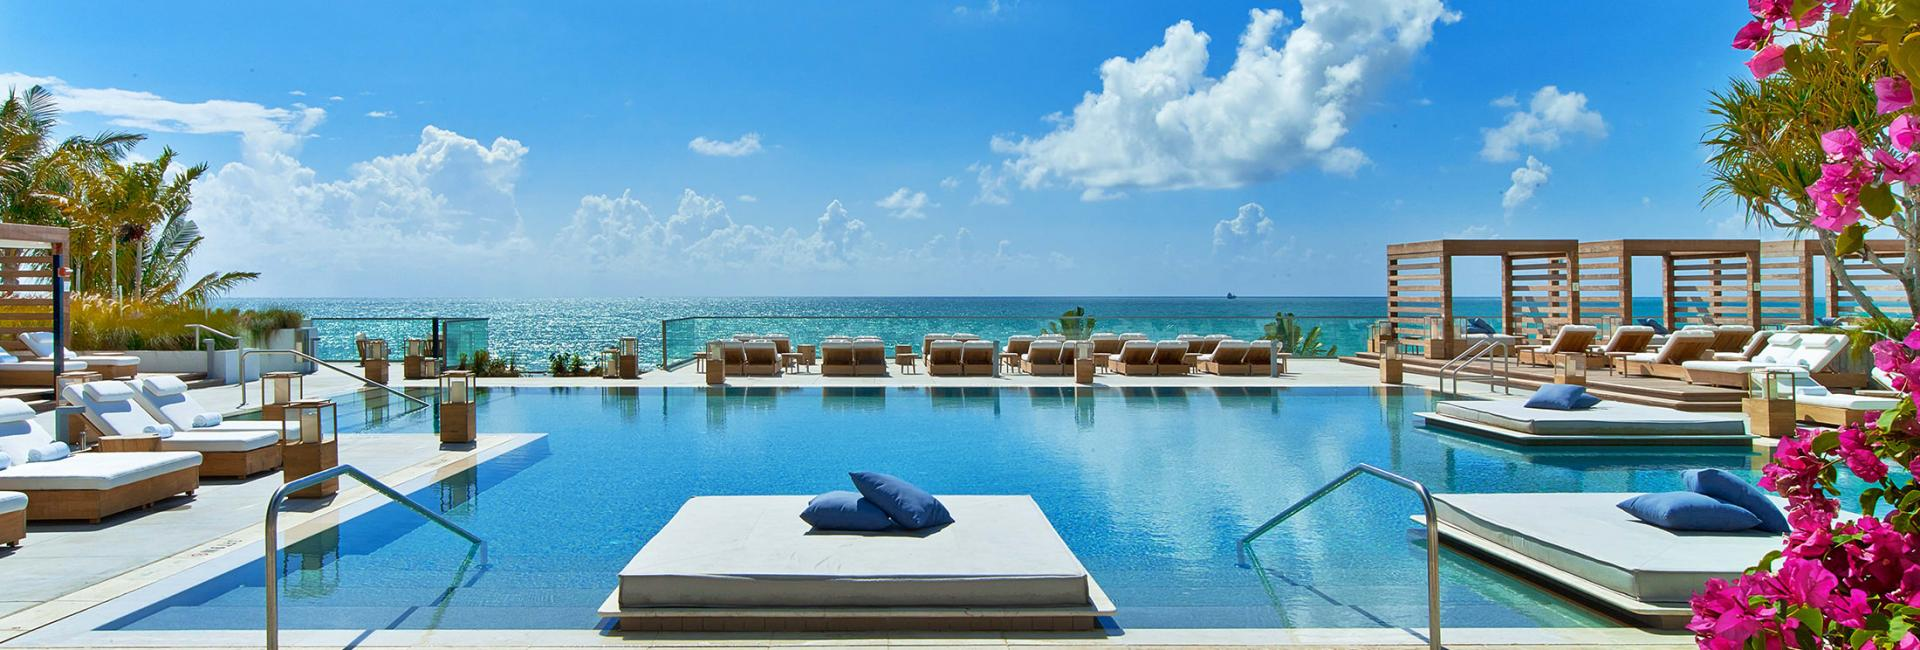 South Beach Main Pool